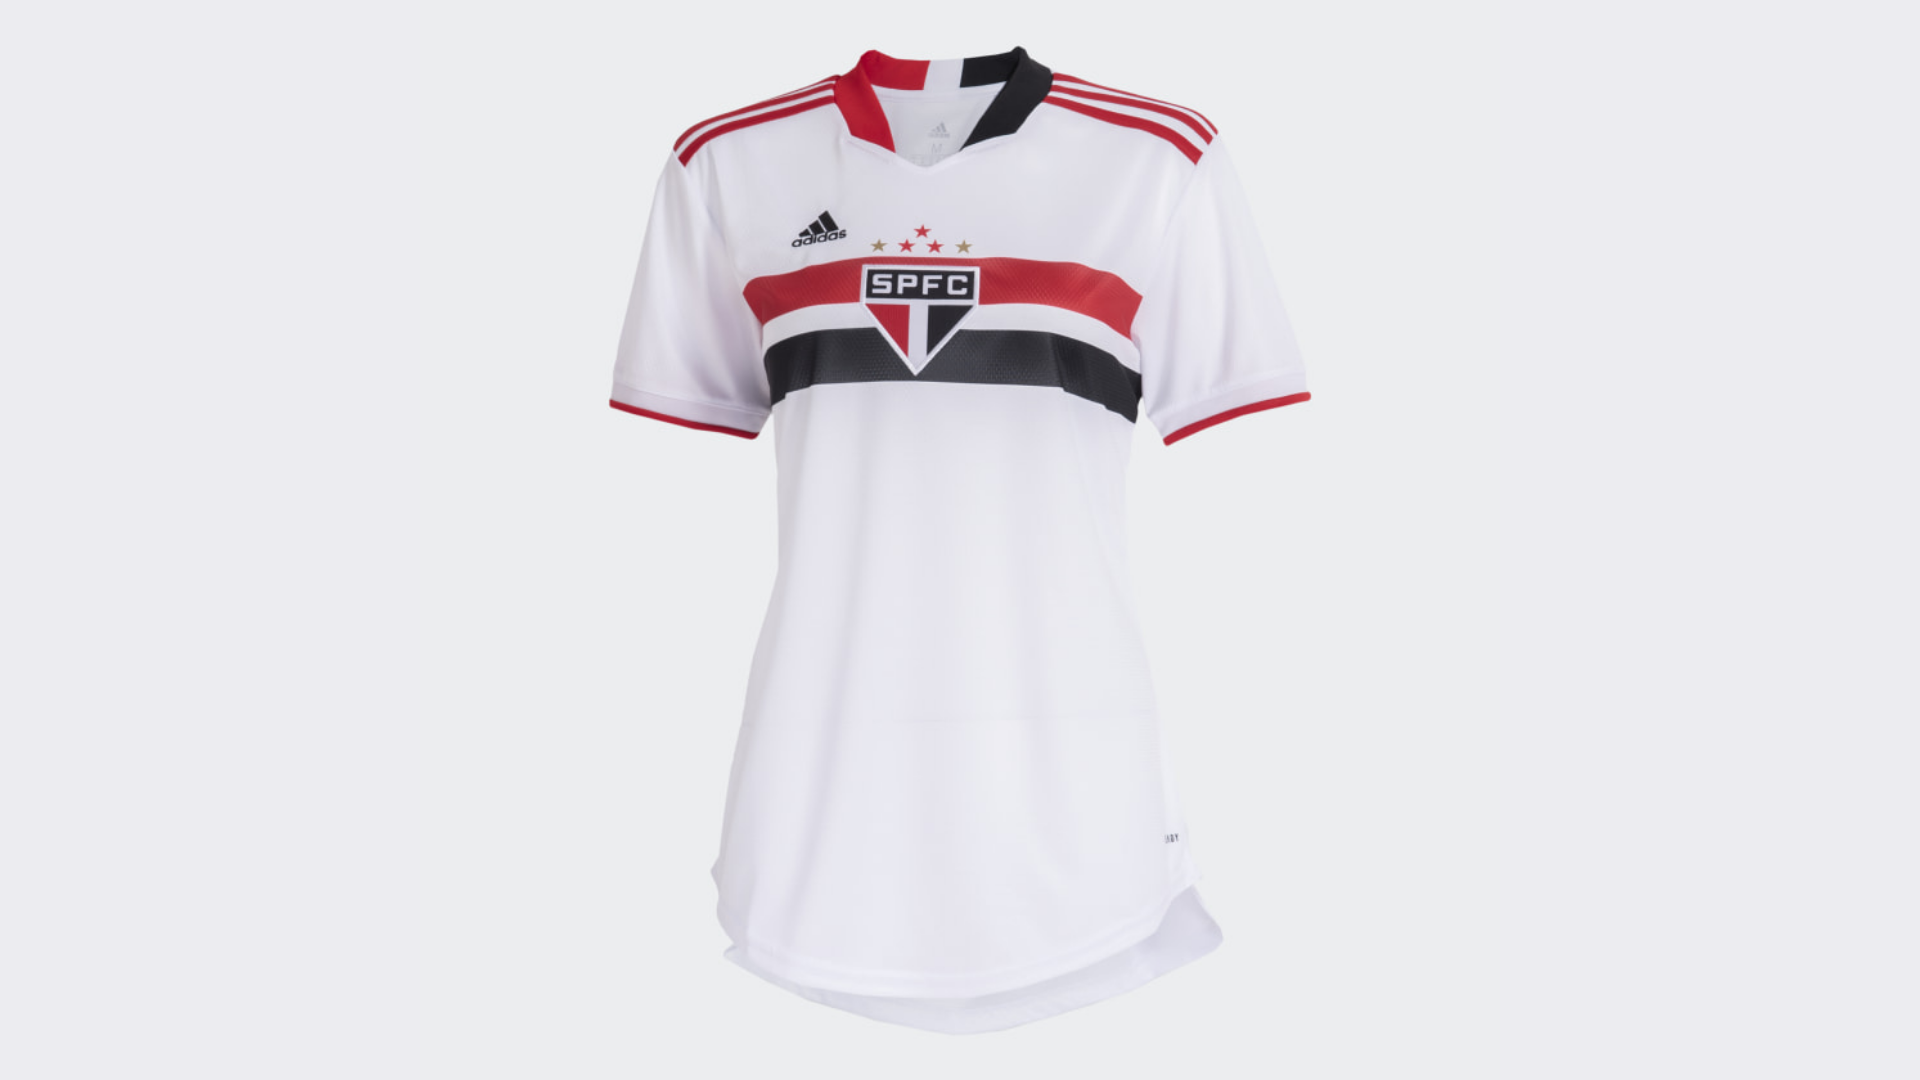 Camisa do São Paulo Feminina 2021 Adidas Jogo 1 (Imagem: Divulgação/Adidas)